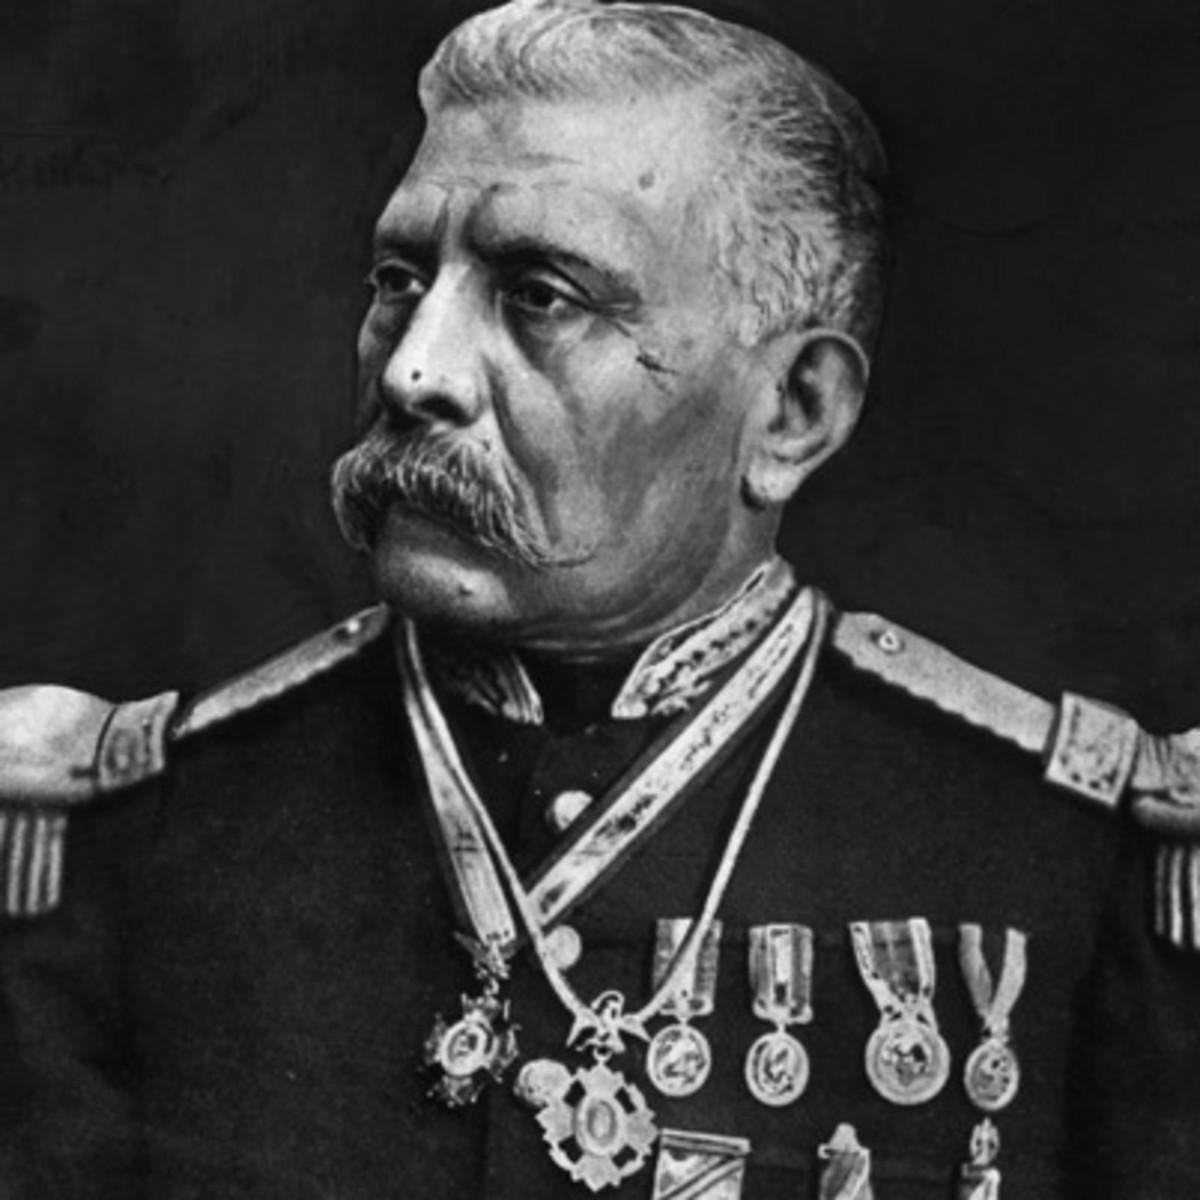 a biography of jose de la cruz porfirio the future dictator of mexico